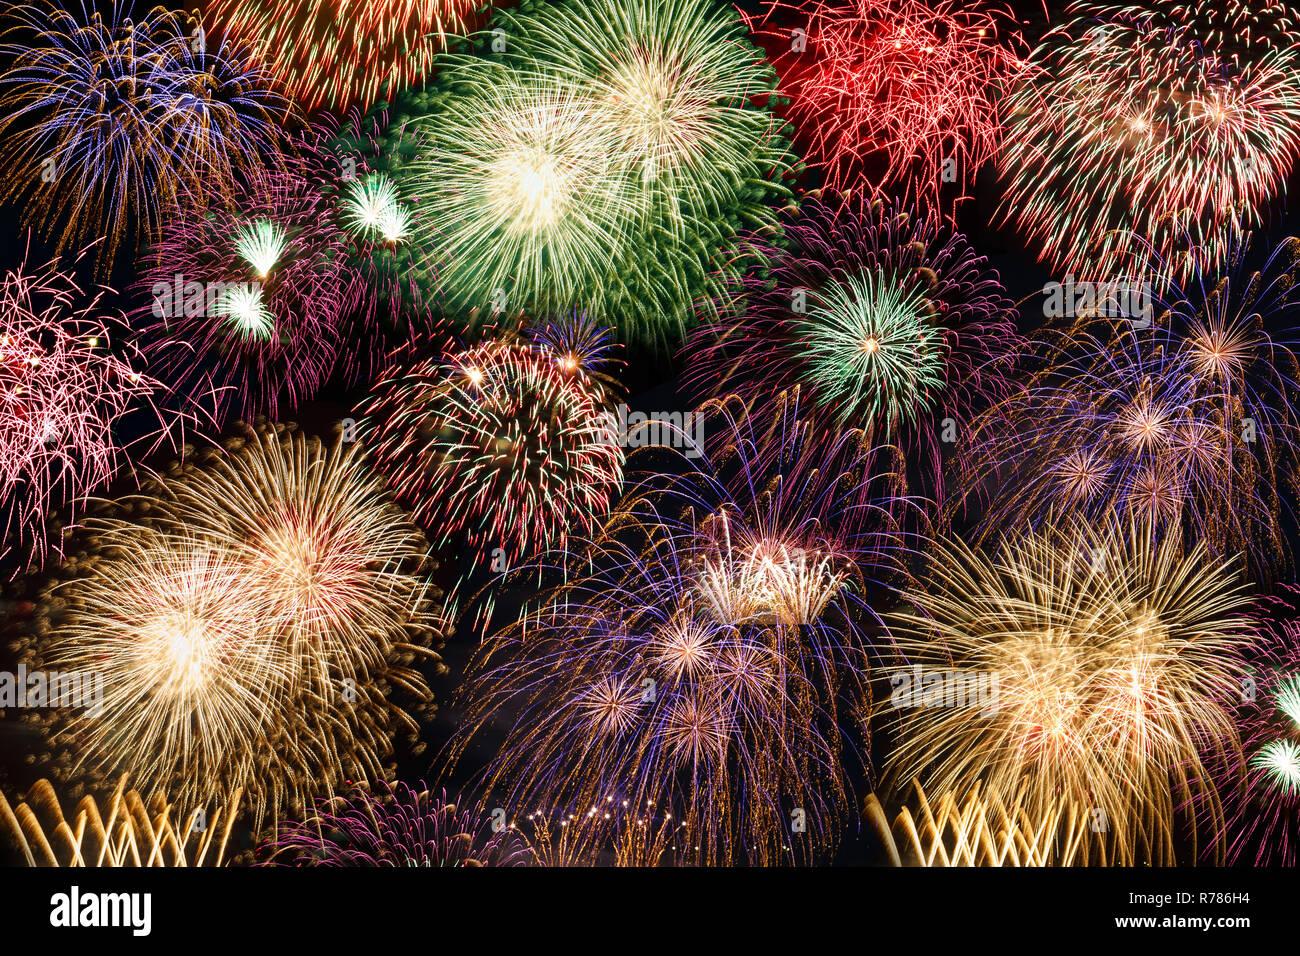 Silvester Feuerwerk Hintergrund Jahre Jahr Feuerwerk Hintergründe Stockfoto